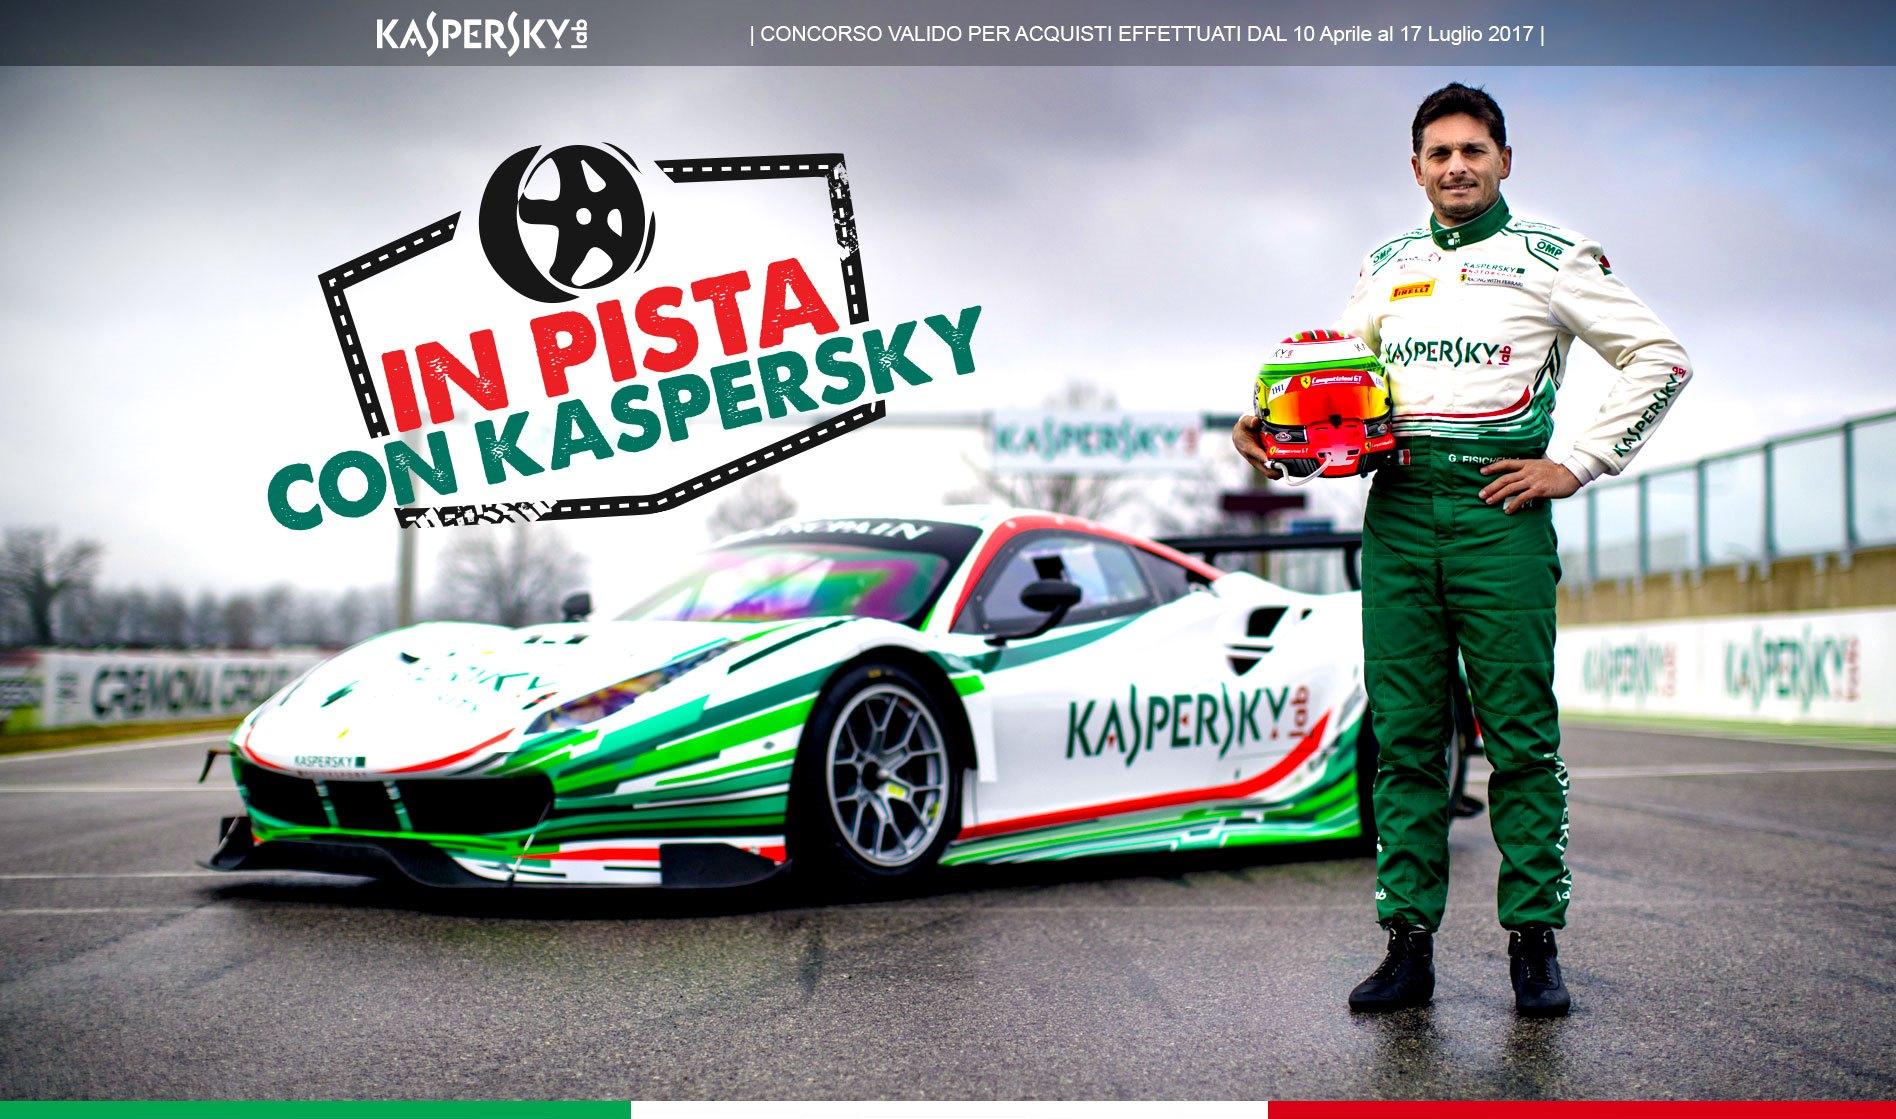 Con il concorso a premi In Pista con Kaspersky puoi vincere un giro in pista con un campione